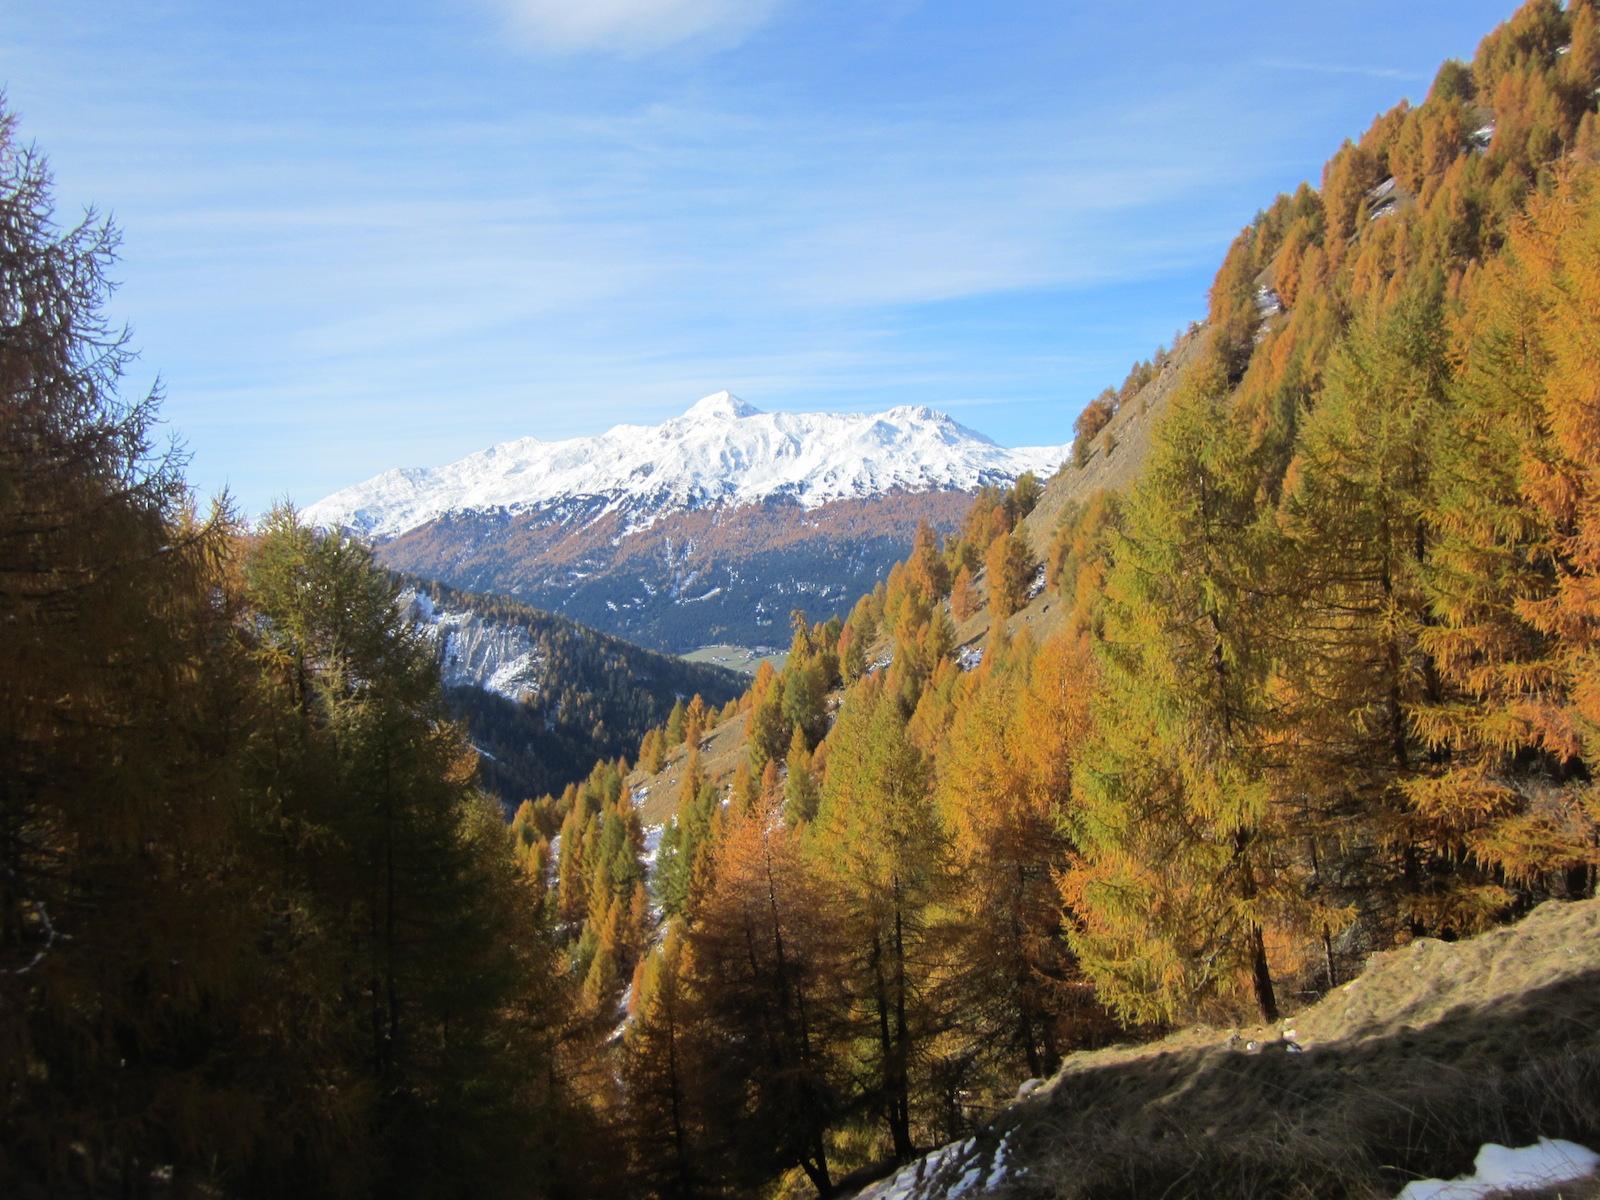 Wanderung Grauner Berg Suedtirol IMG_5841